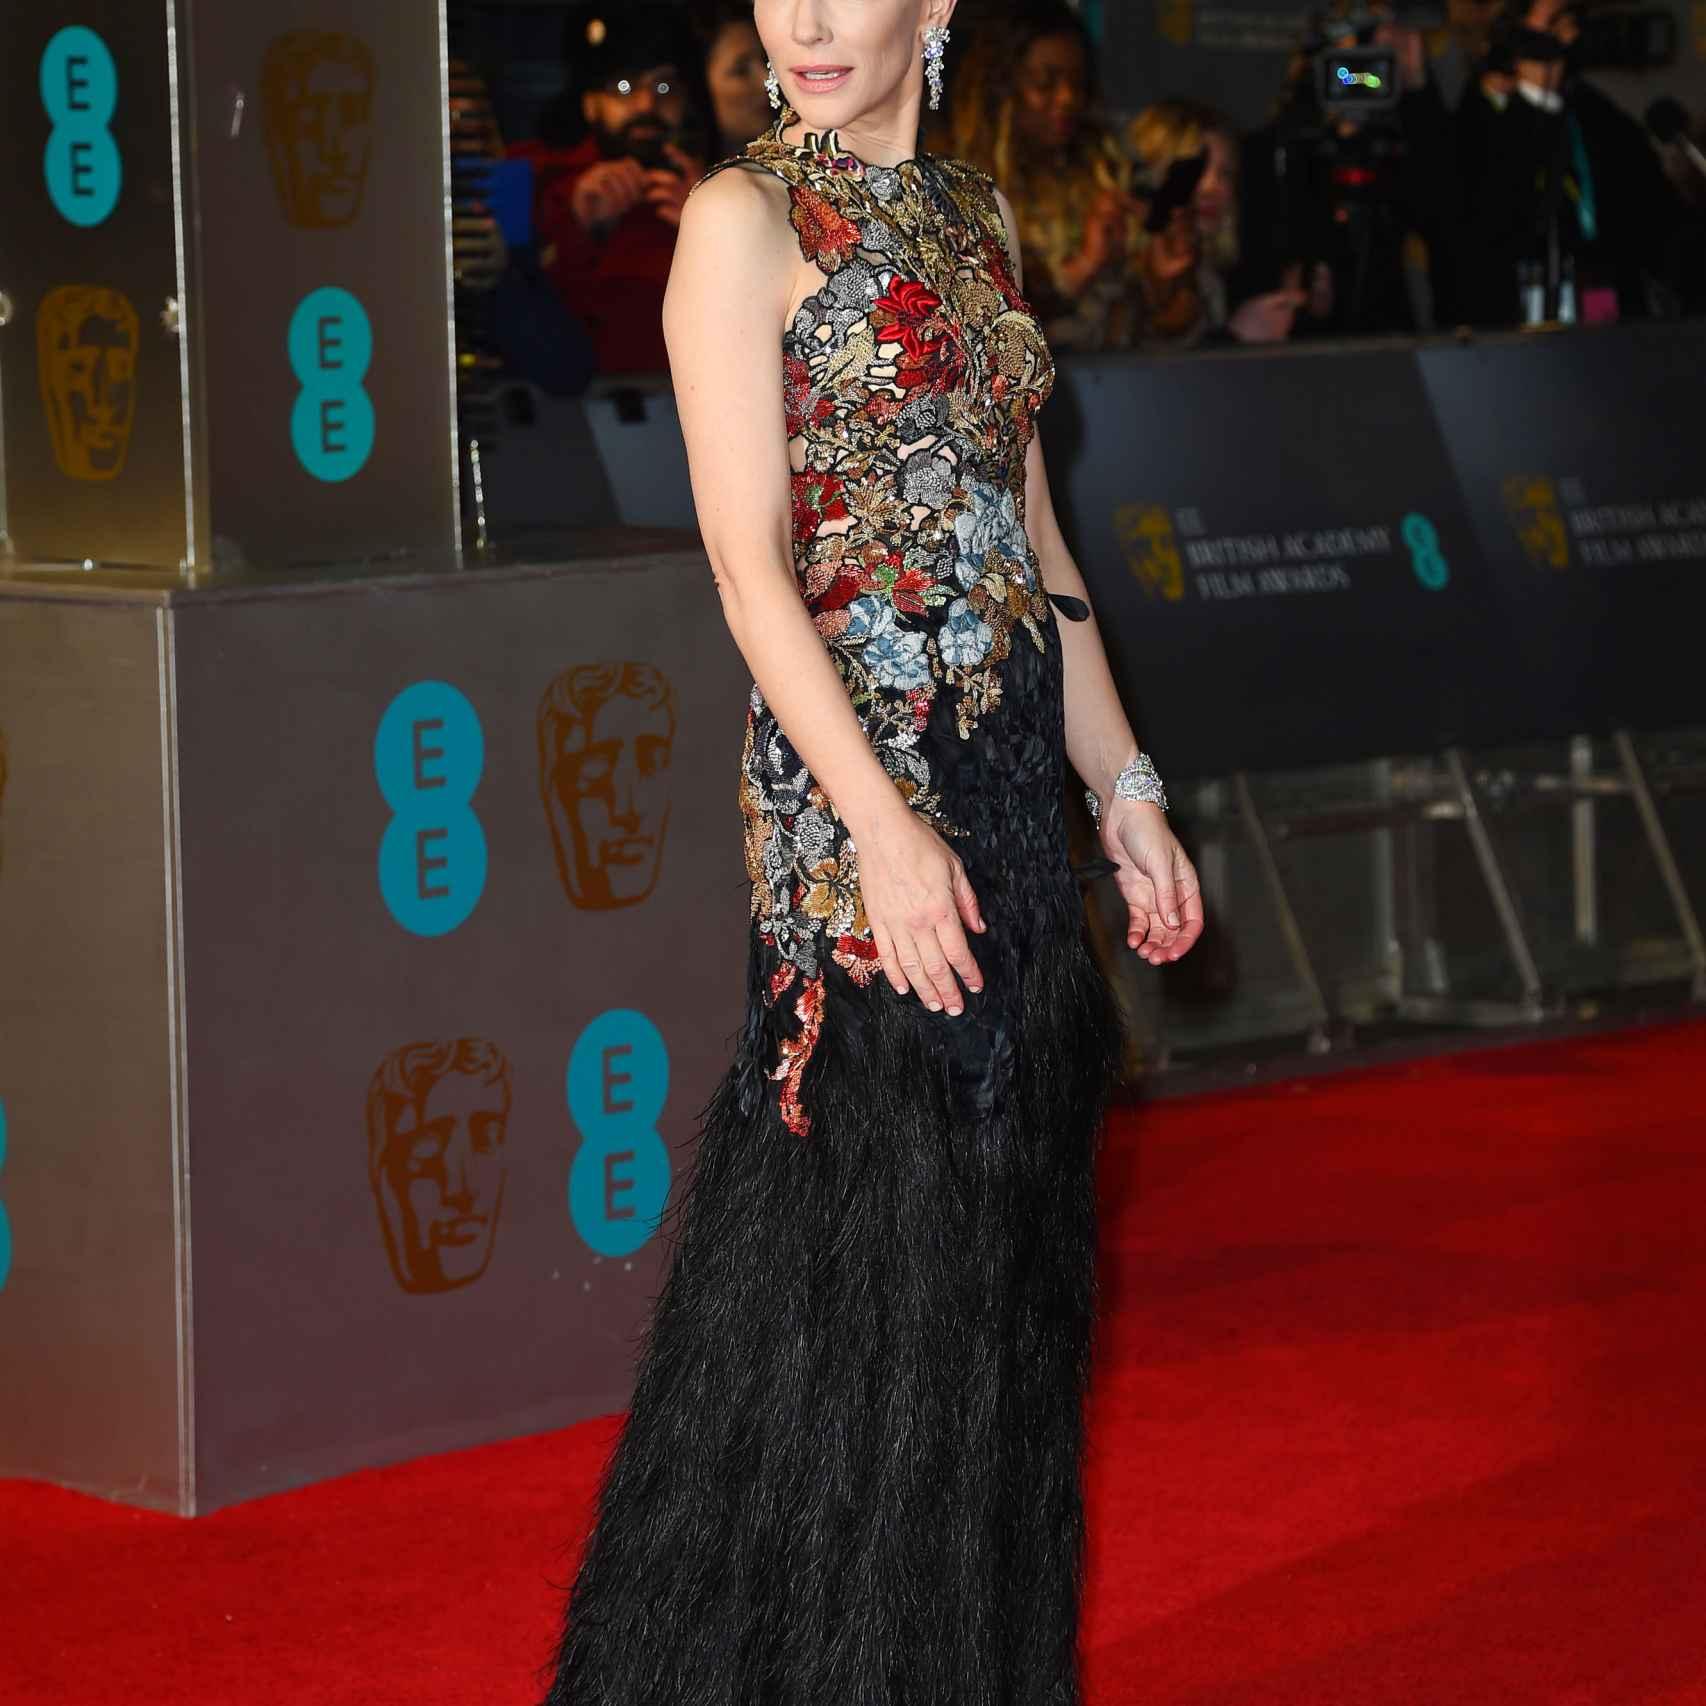 Cate Blanchett de Alexander McQueen en los premios Bafta